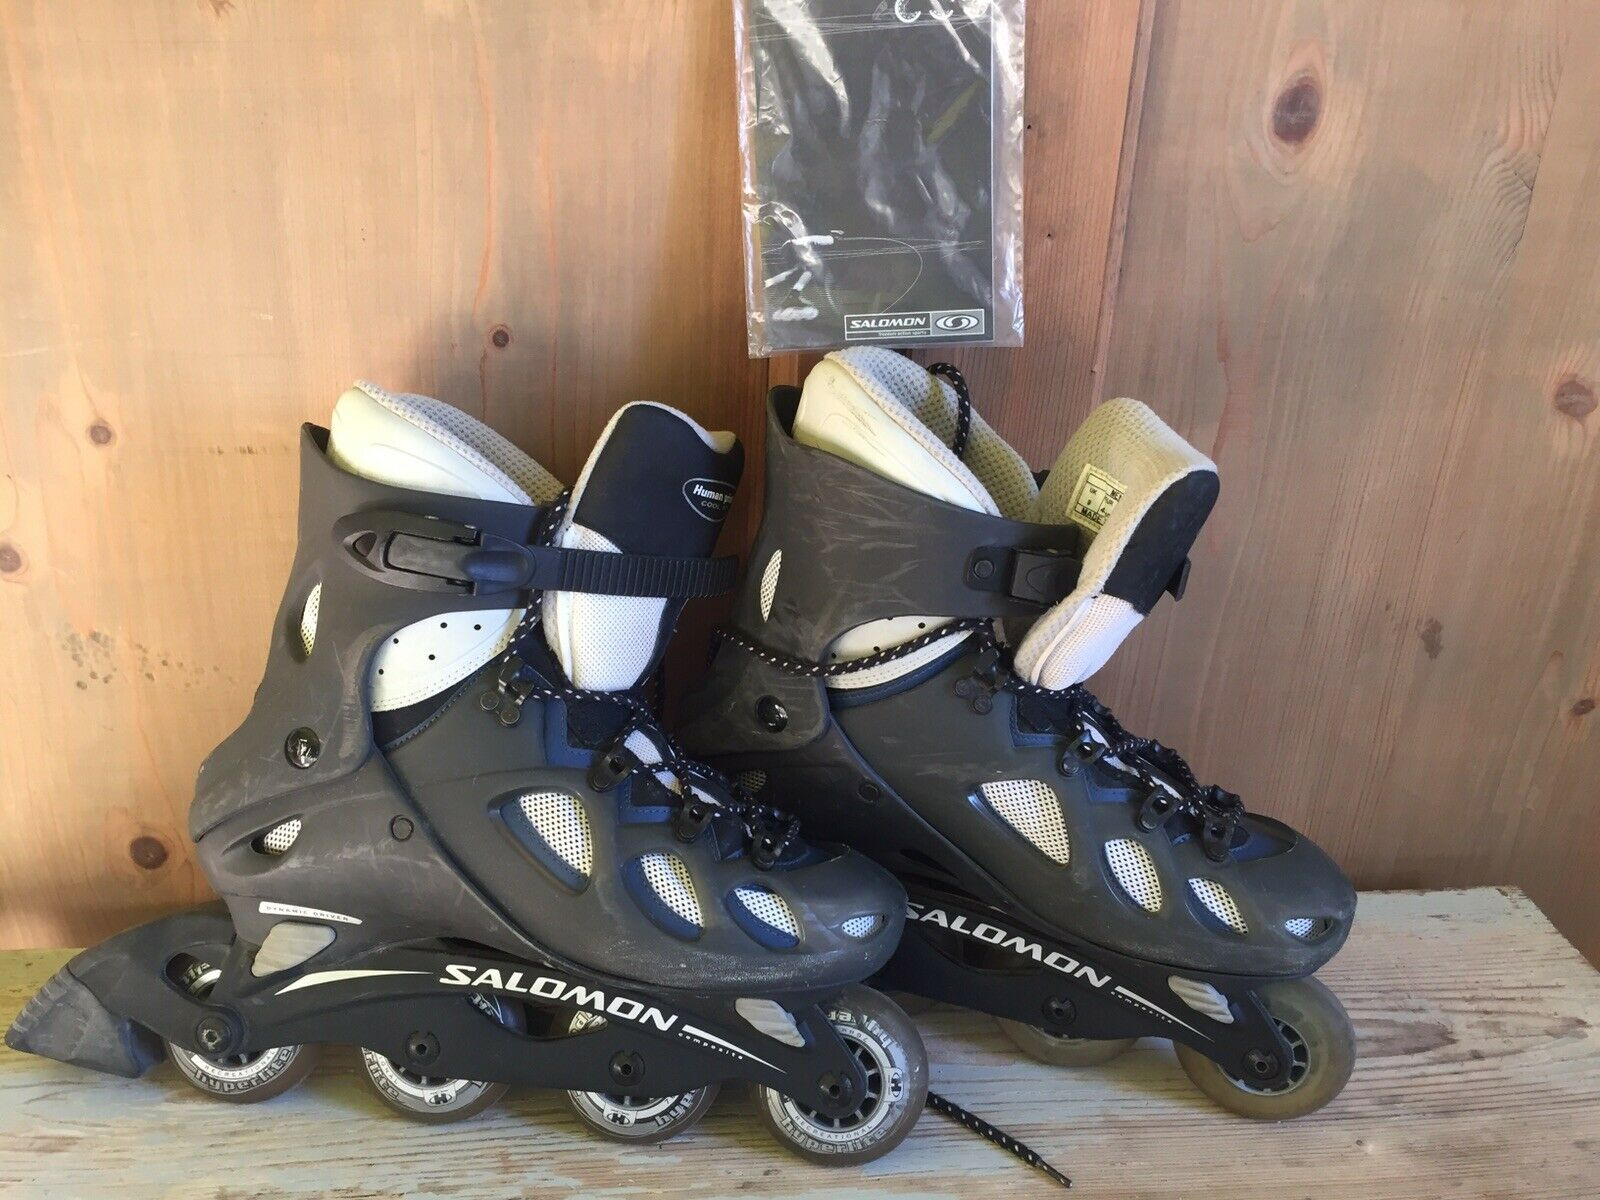 Salomon pattini in linea Roller Blades UK9 Eur 43 13 Perfette condizione